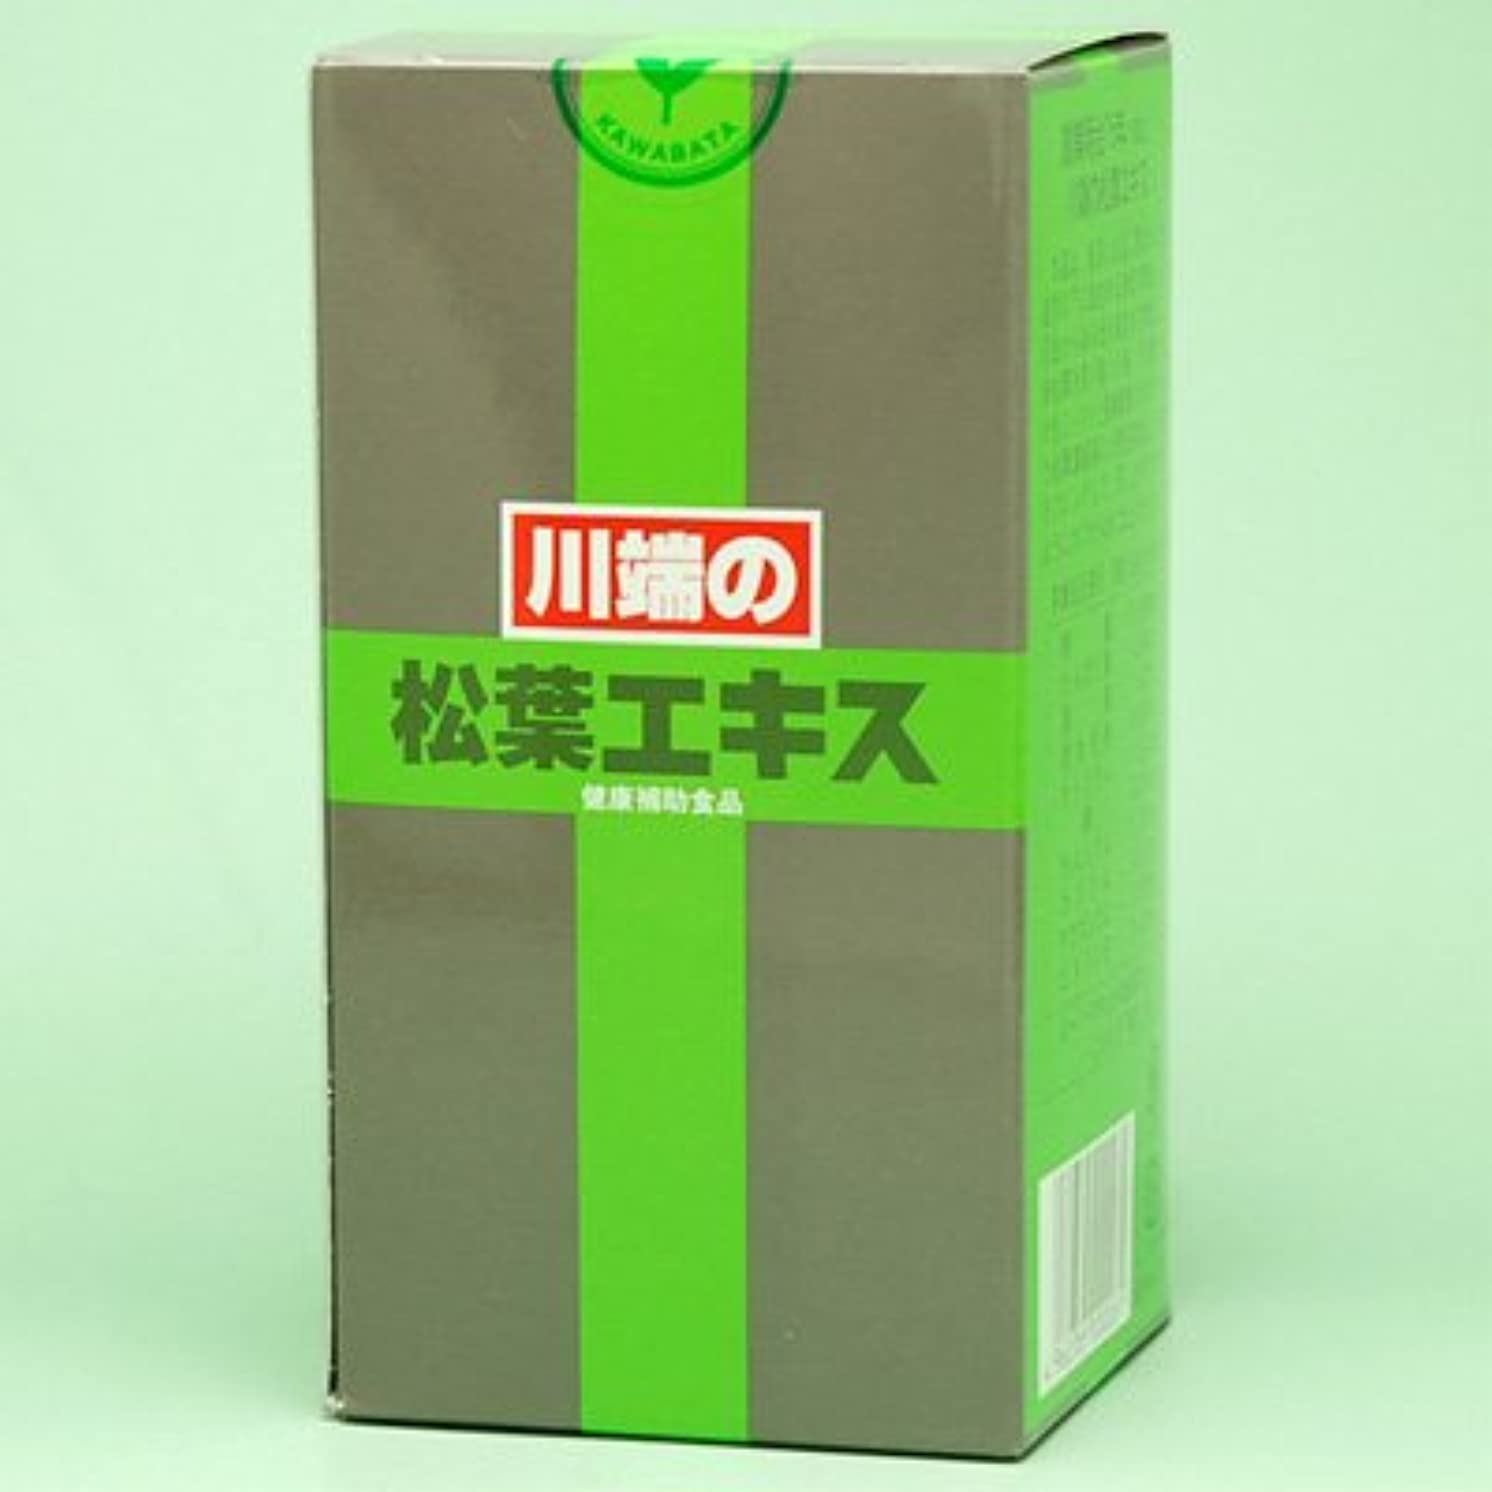 スプリット発疹肌川端の松葉エキス 200粒 (#640800) ×5個セット